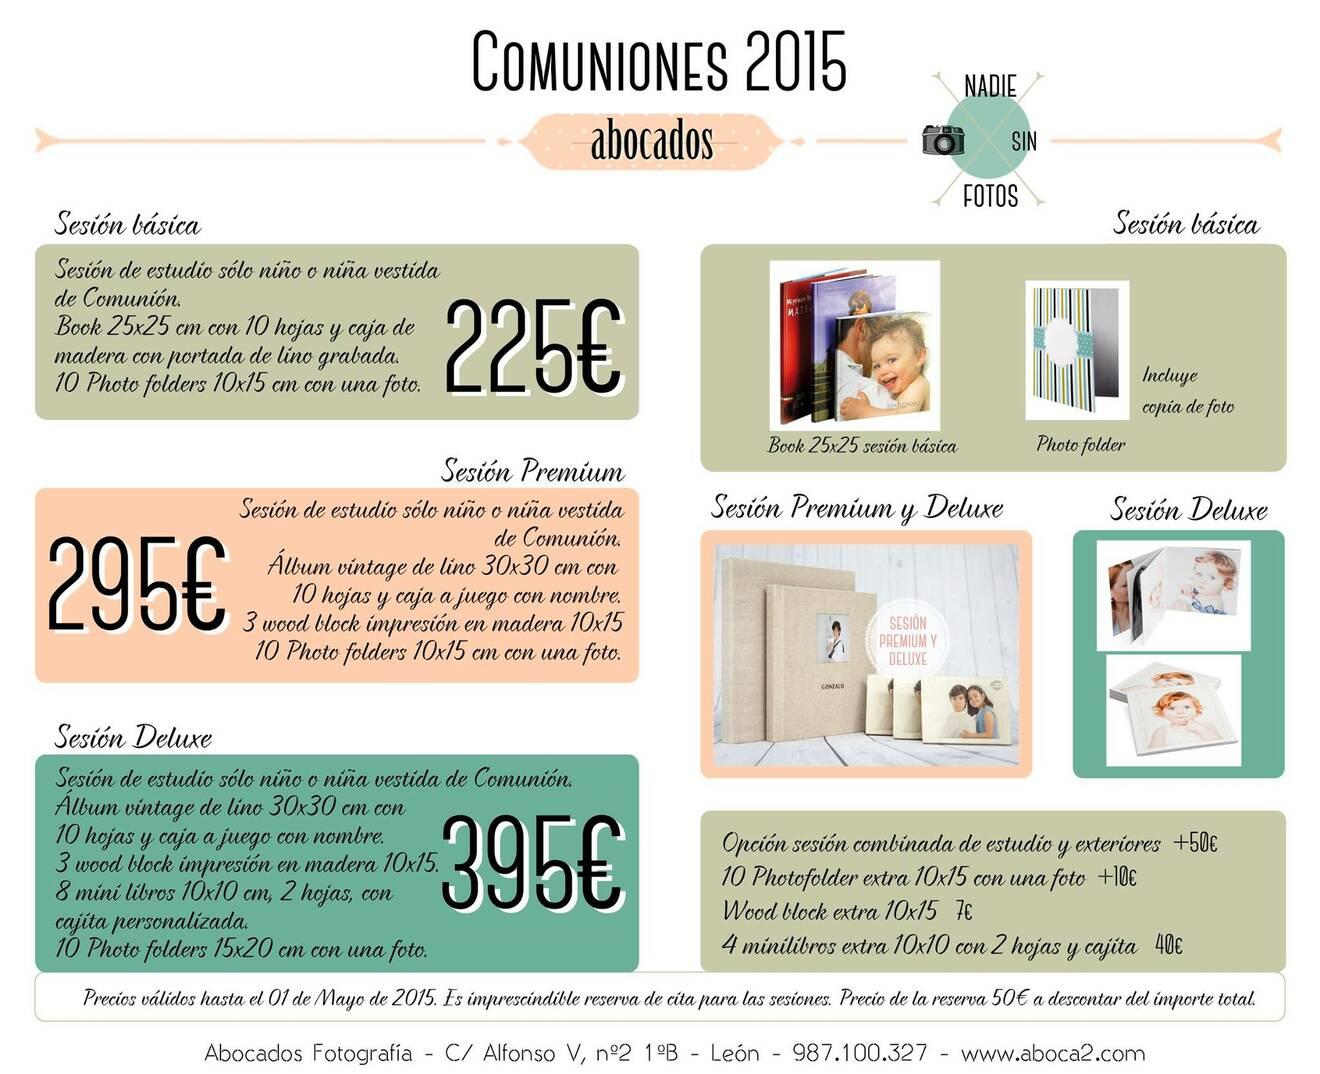 Comuniones 2015 def